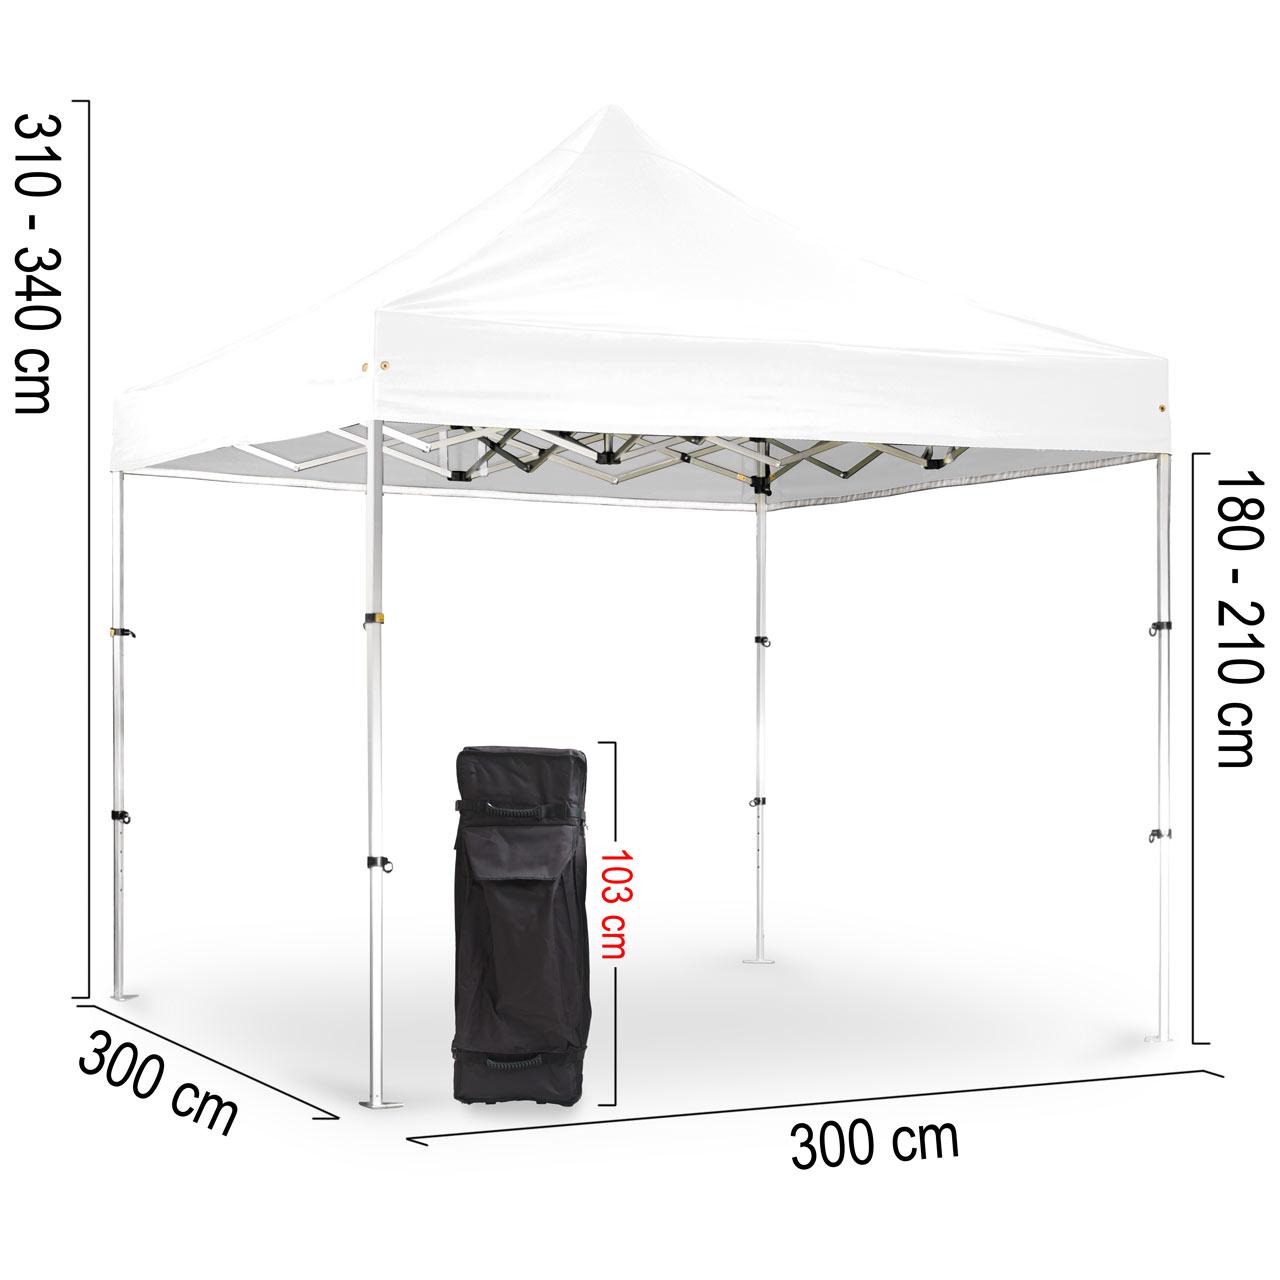 Faltpavillon-3x3-mobil-Abmessungen